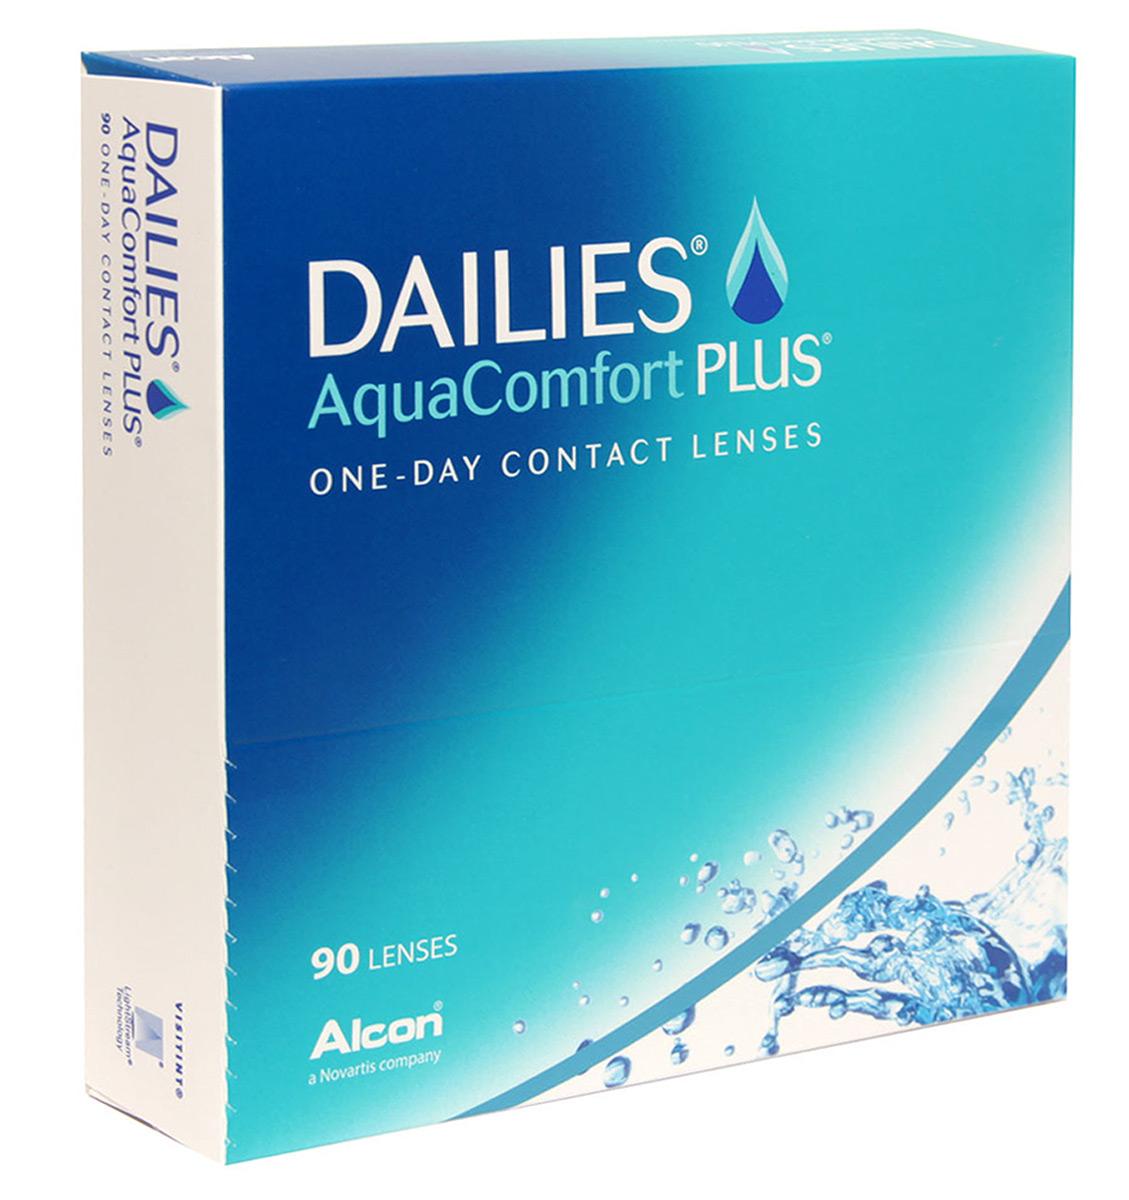 Alcon-CIBA Vision контактные линзы Dailies AquaComfort Plus (90шт / 8.7 / 14.0 / -1.75)38371Dailies AquaComfort Plus - это одни из самых популярных однодневных линз производства компании Ciba Vision. Эти линзы пользуются огромной популярностью во всем мире и являются на сегодняшний день самыми безопасными контактными линзами. Изготавливаются линзы из современного, 100% безопасного материала нелфилкон А. Особенность этого материала в том, что он легко пропускает воздух и хорошо сохраняет влагу. Однодневные контактные линзы Dailies AquaComfort Plus не нуждаются в дополнительном уходе и затратах, каждый день вы надеваете свежую пару линз. Дизайн линзы биосовместимый, что гарантирует безупречный комфорт. Самое главное достоинство Dailies AquaComfort Plus - это их уникальная система увлажнения. Благодаря этой разработке линзы увлажняются тремя различными агентами. Первый компонент, ухаживающий за линзами, находится в растворе, он как бы обволакивает линзу, обеспечивая чрезвычайно комфортное надевание. Второй агент выделяется на протяжении всего дня, он...